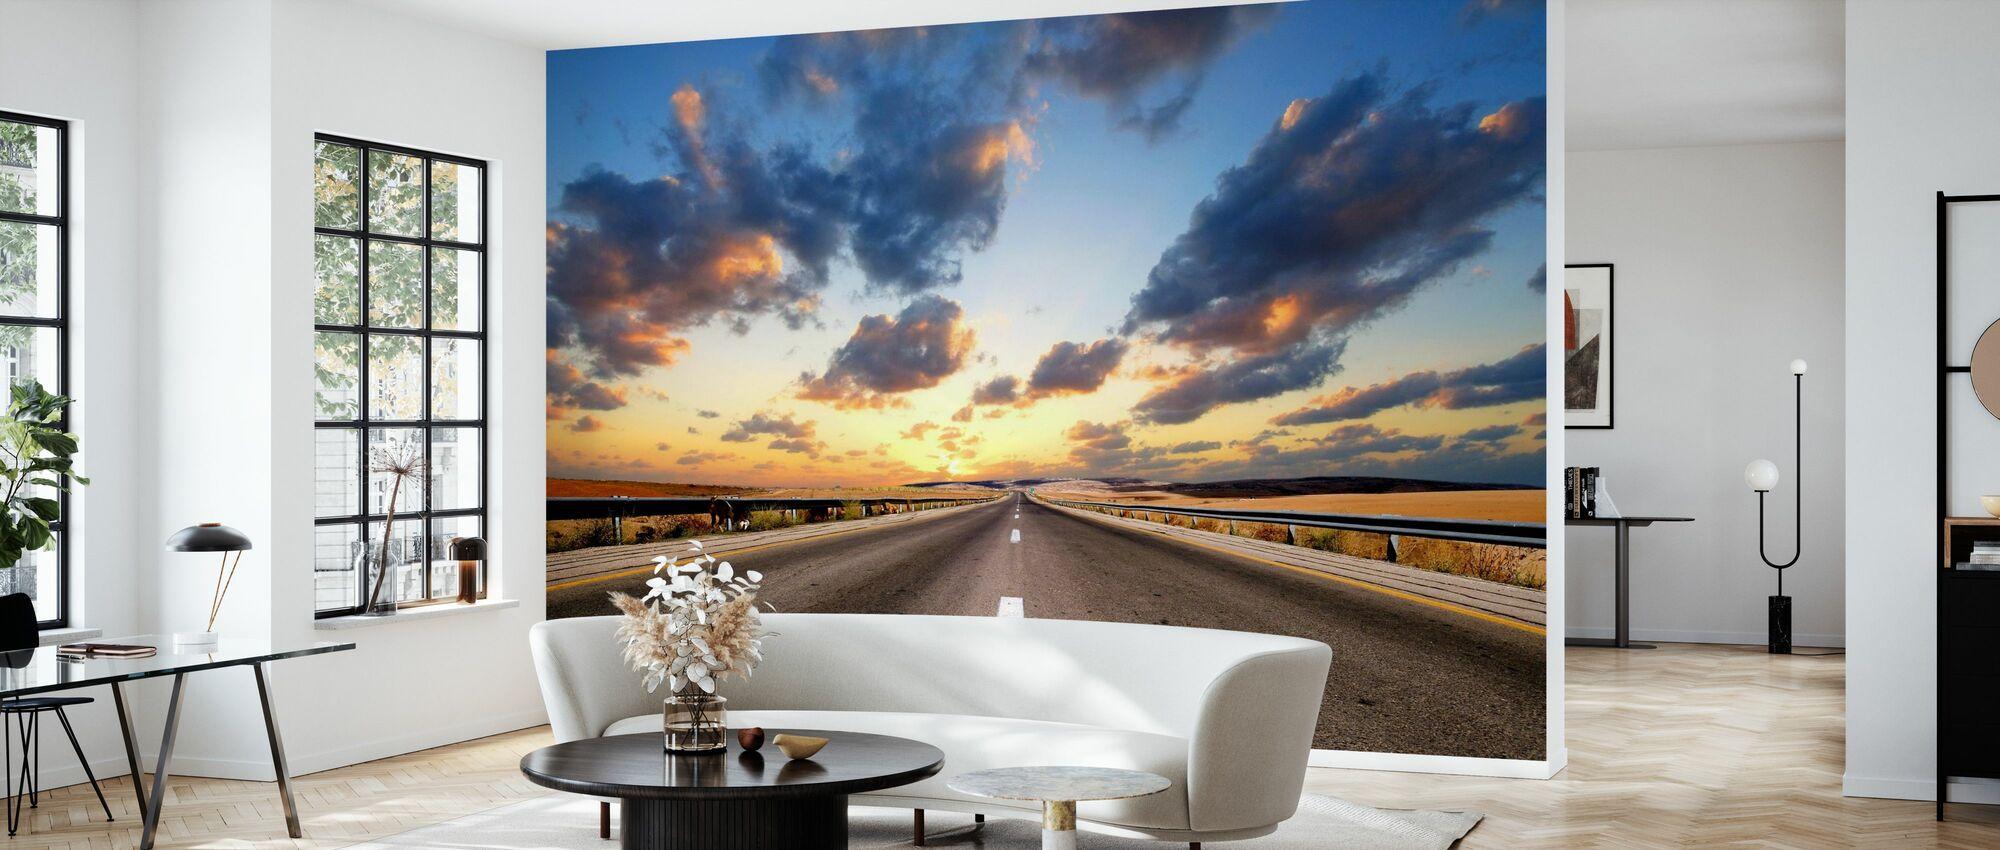 Straße unter dramatischem Himmel - Tapete - Wohnzimmer